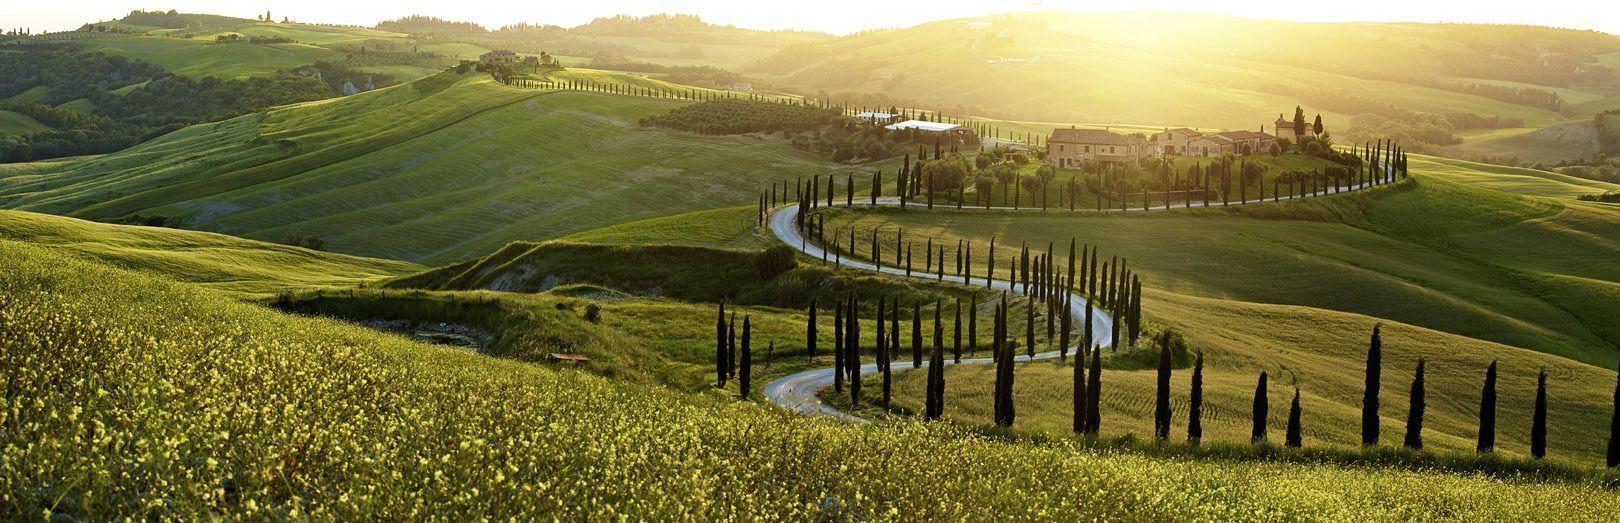 Toscana Express: le colline del Chianti